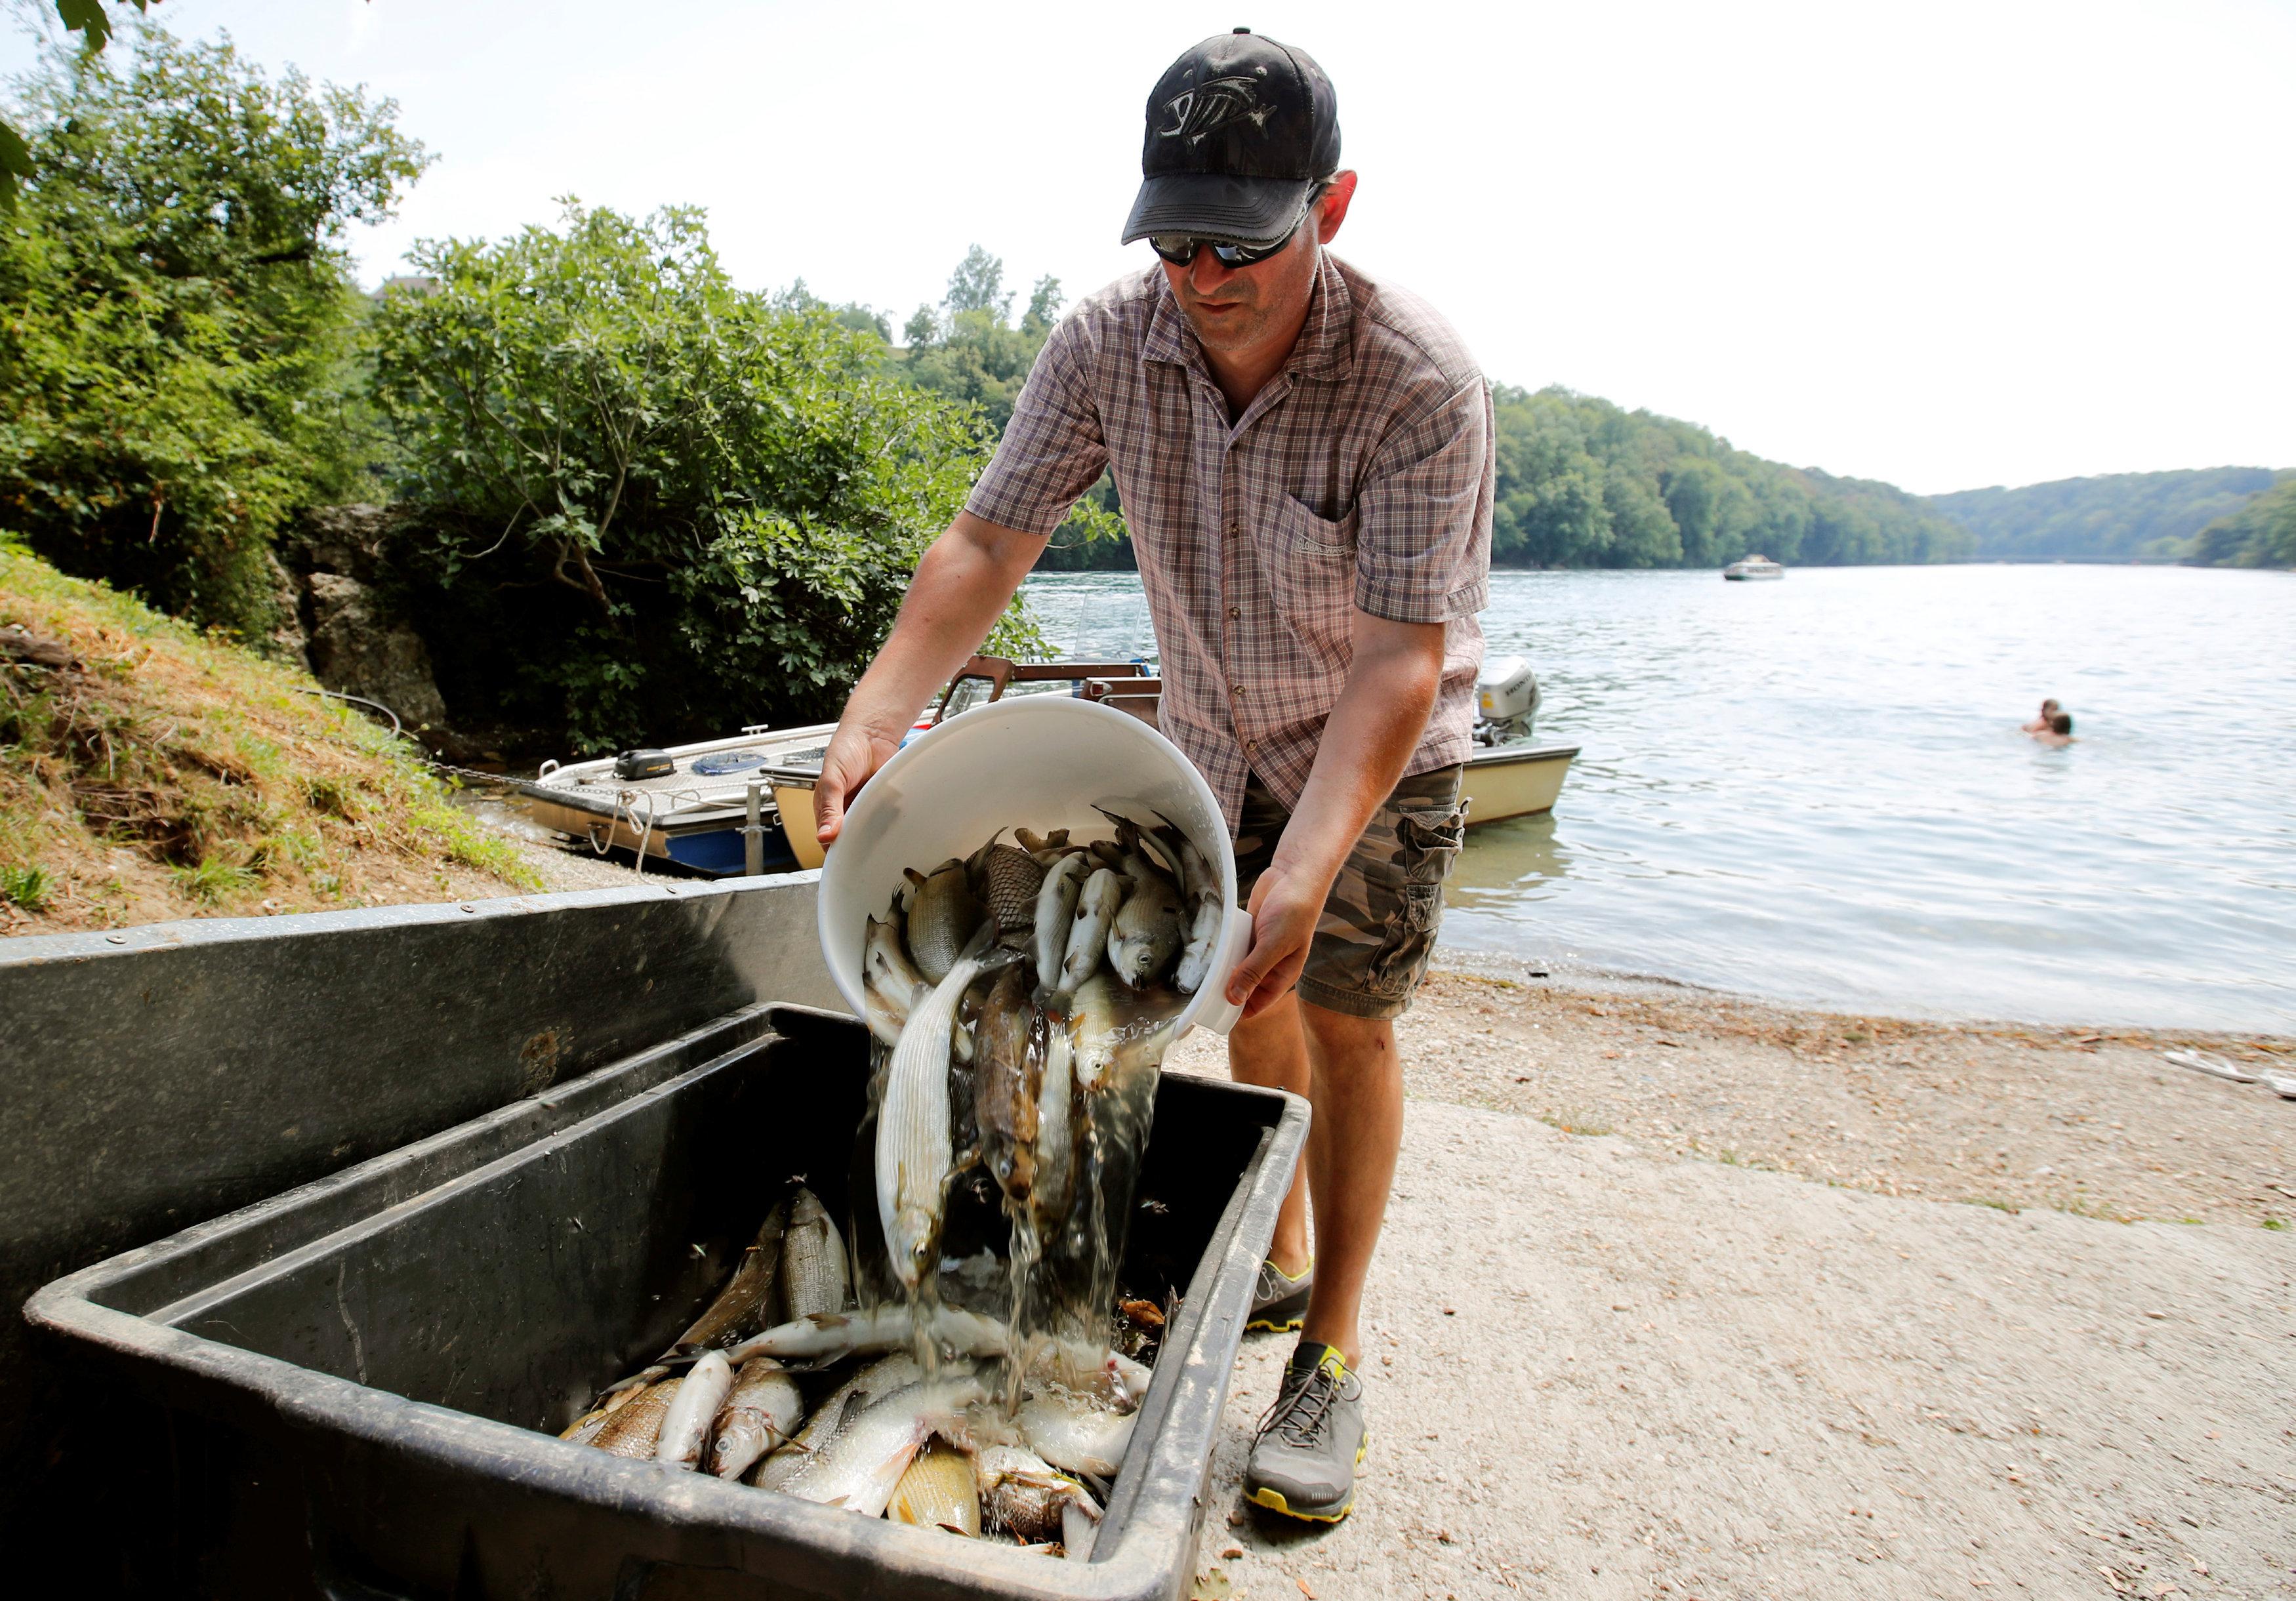 Un hombre retirando los peces muertos de un río en Suiza